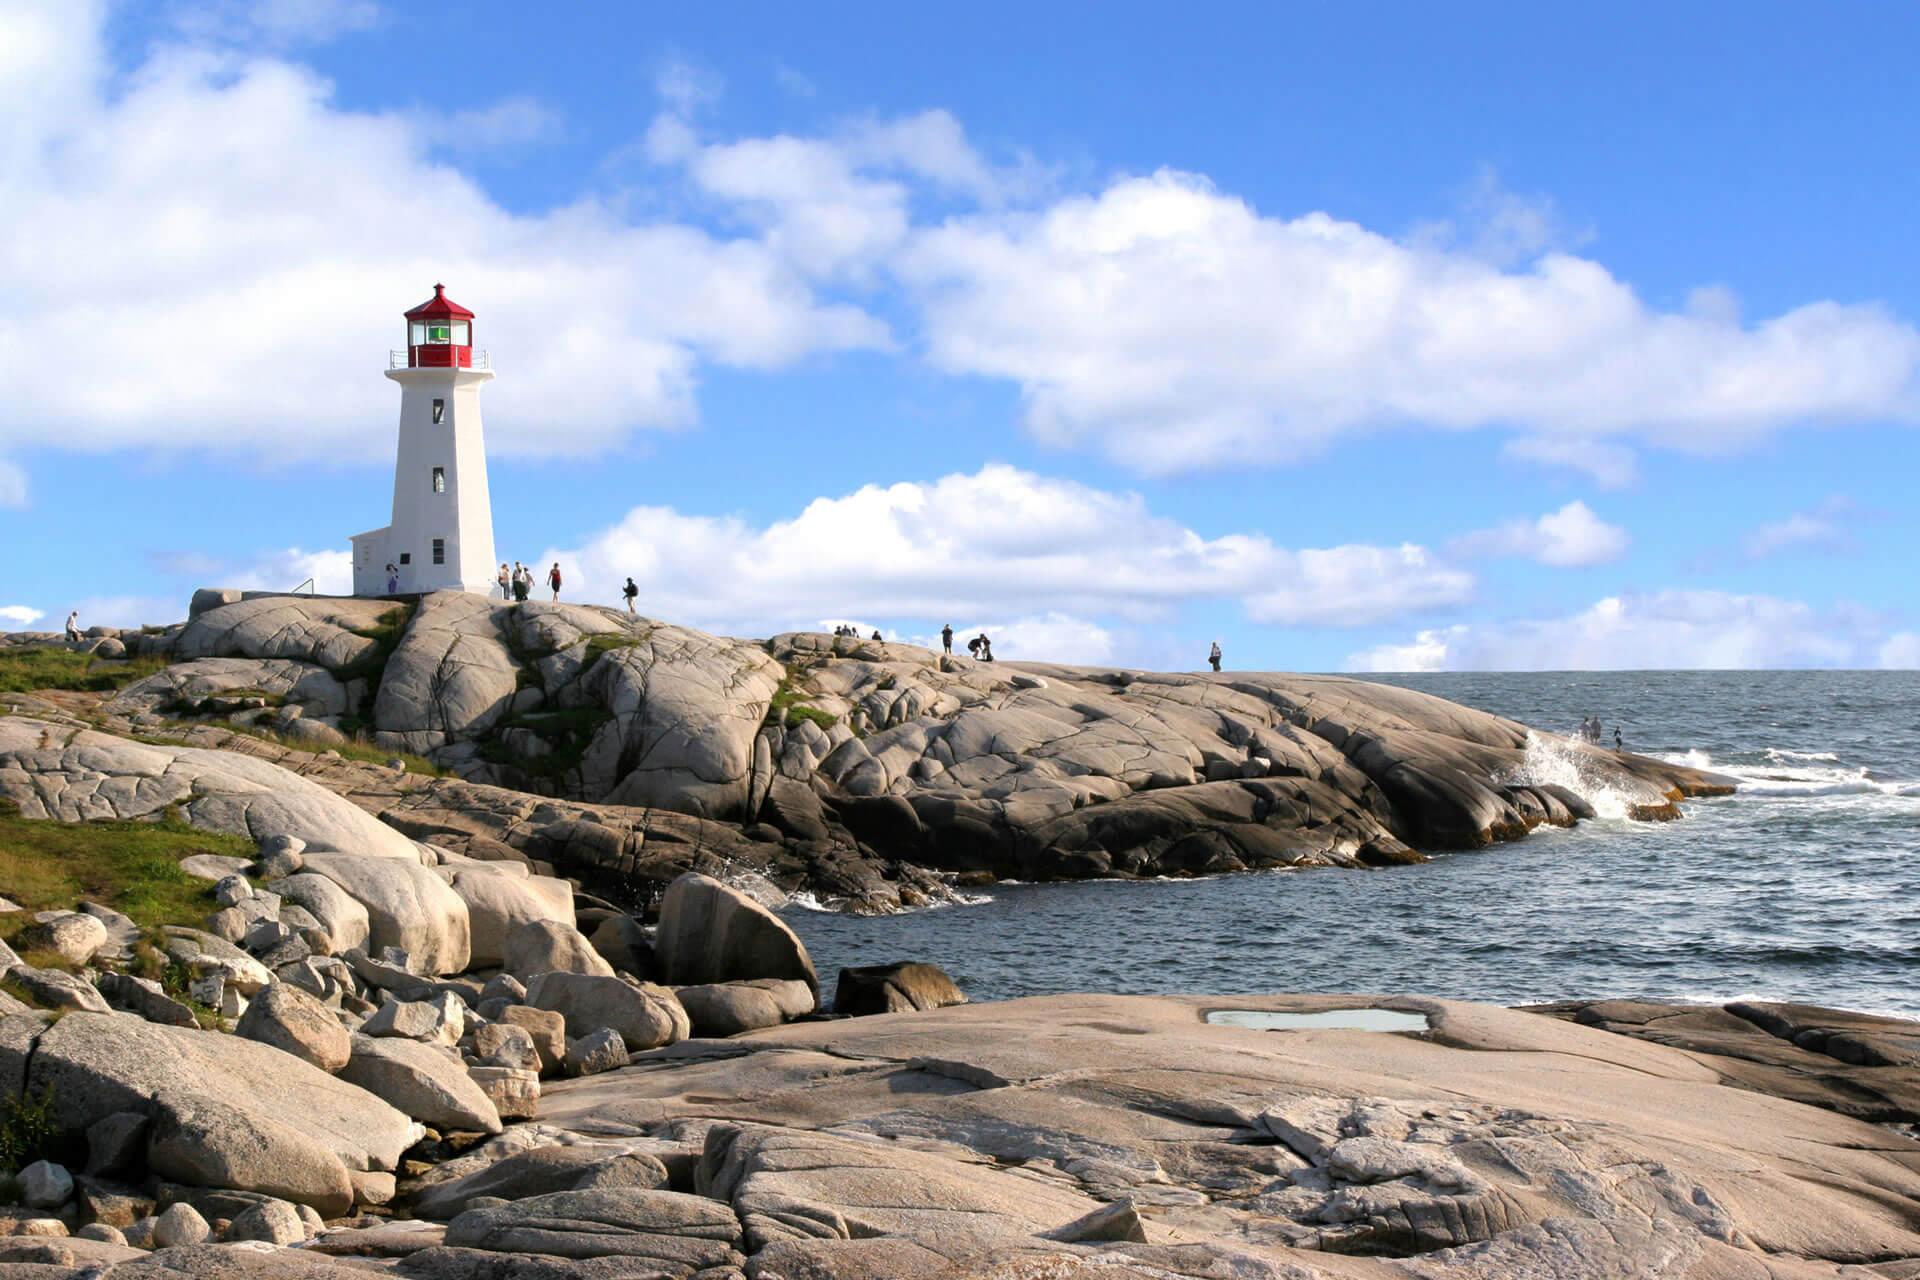 Peggys-Cove-Nova-Scotia-Canada-2  Governo Federal anuncia novo programa de imigração para a Costa Atlântica do Canadá Peggys Cove Nova Scotia Canada 2